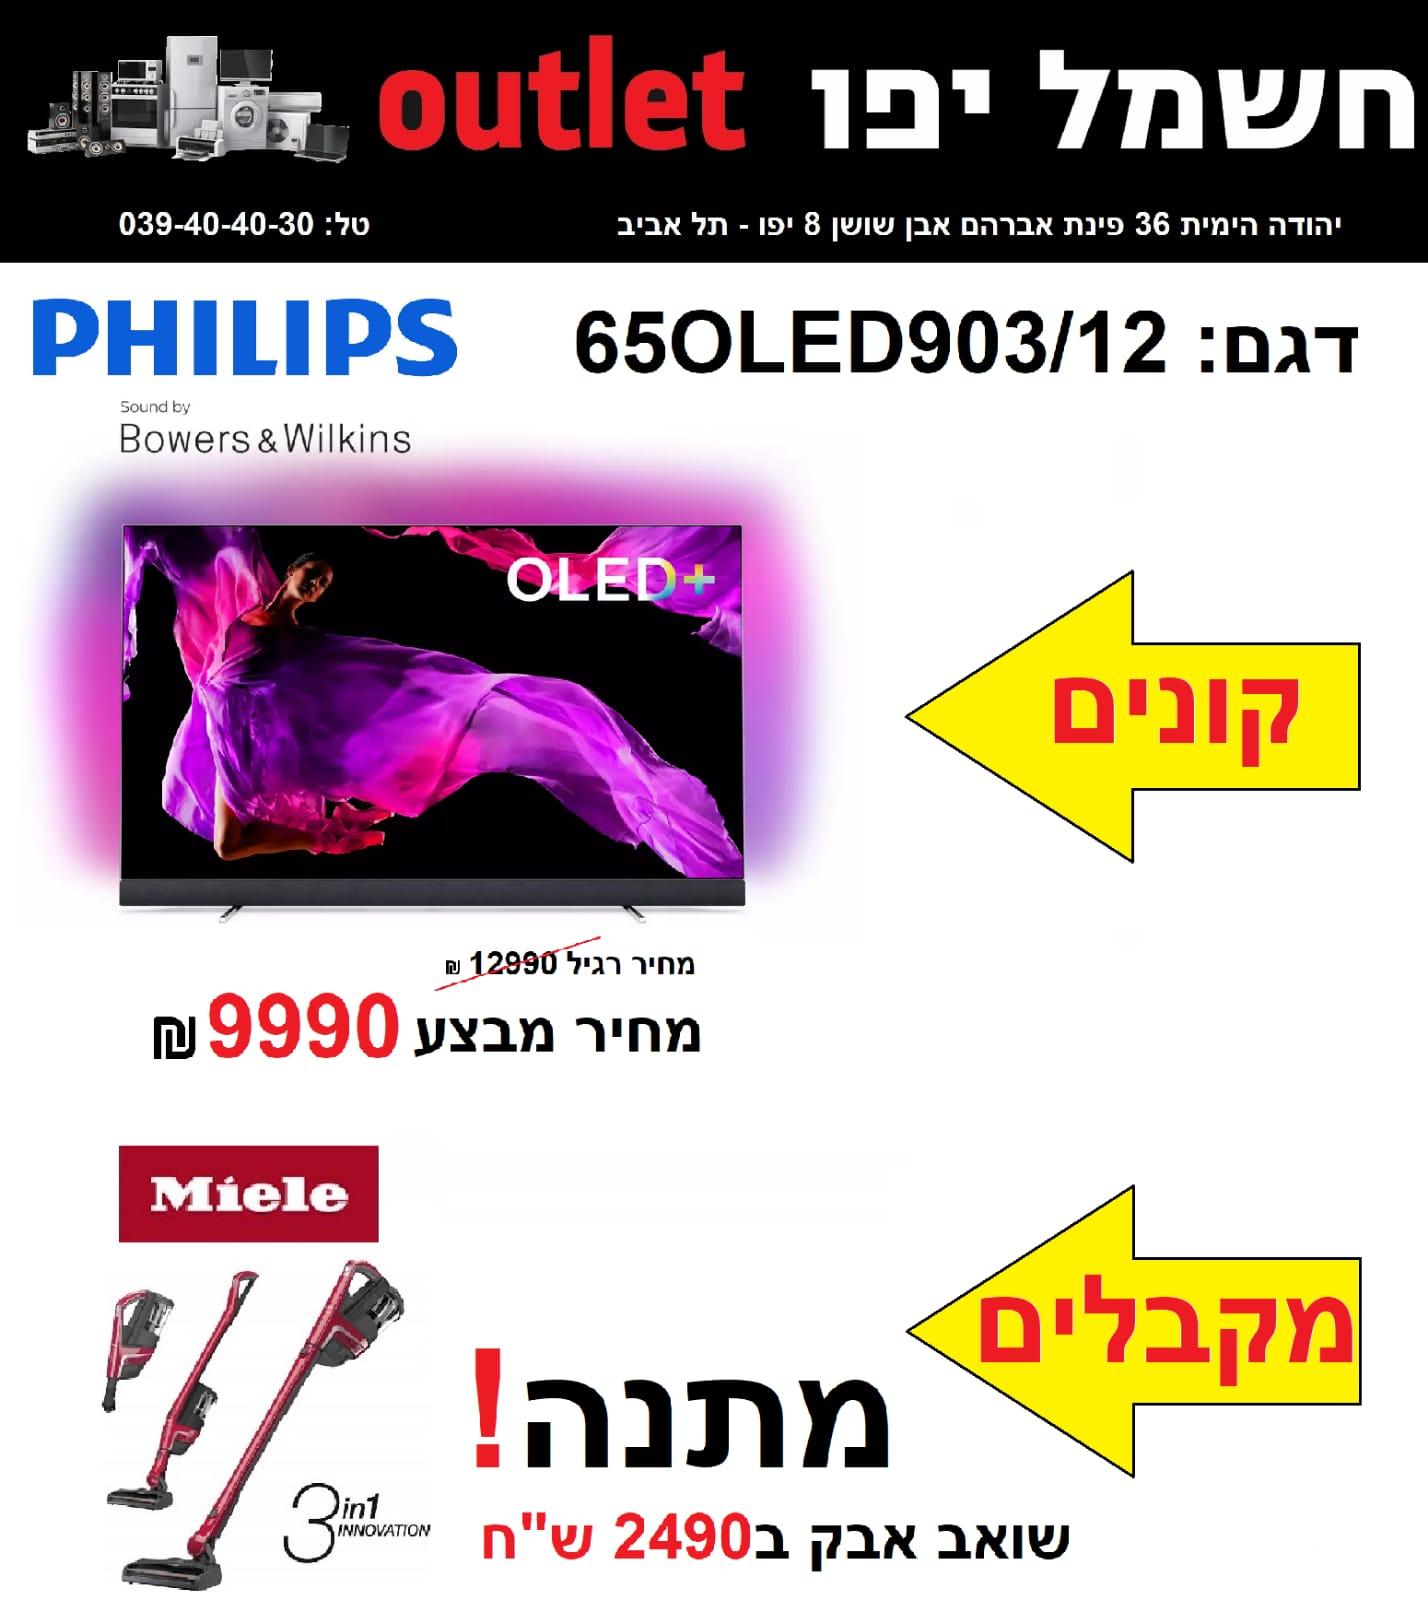 يافا: حملة تخفيضات جديدة على الأجهزة الكهربائية لدى صالة كهرباء OUTLET